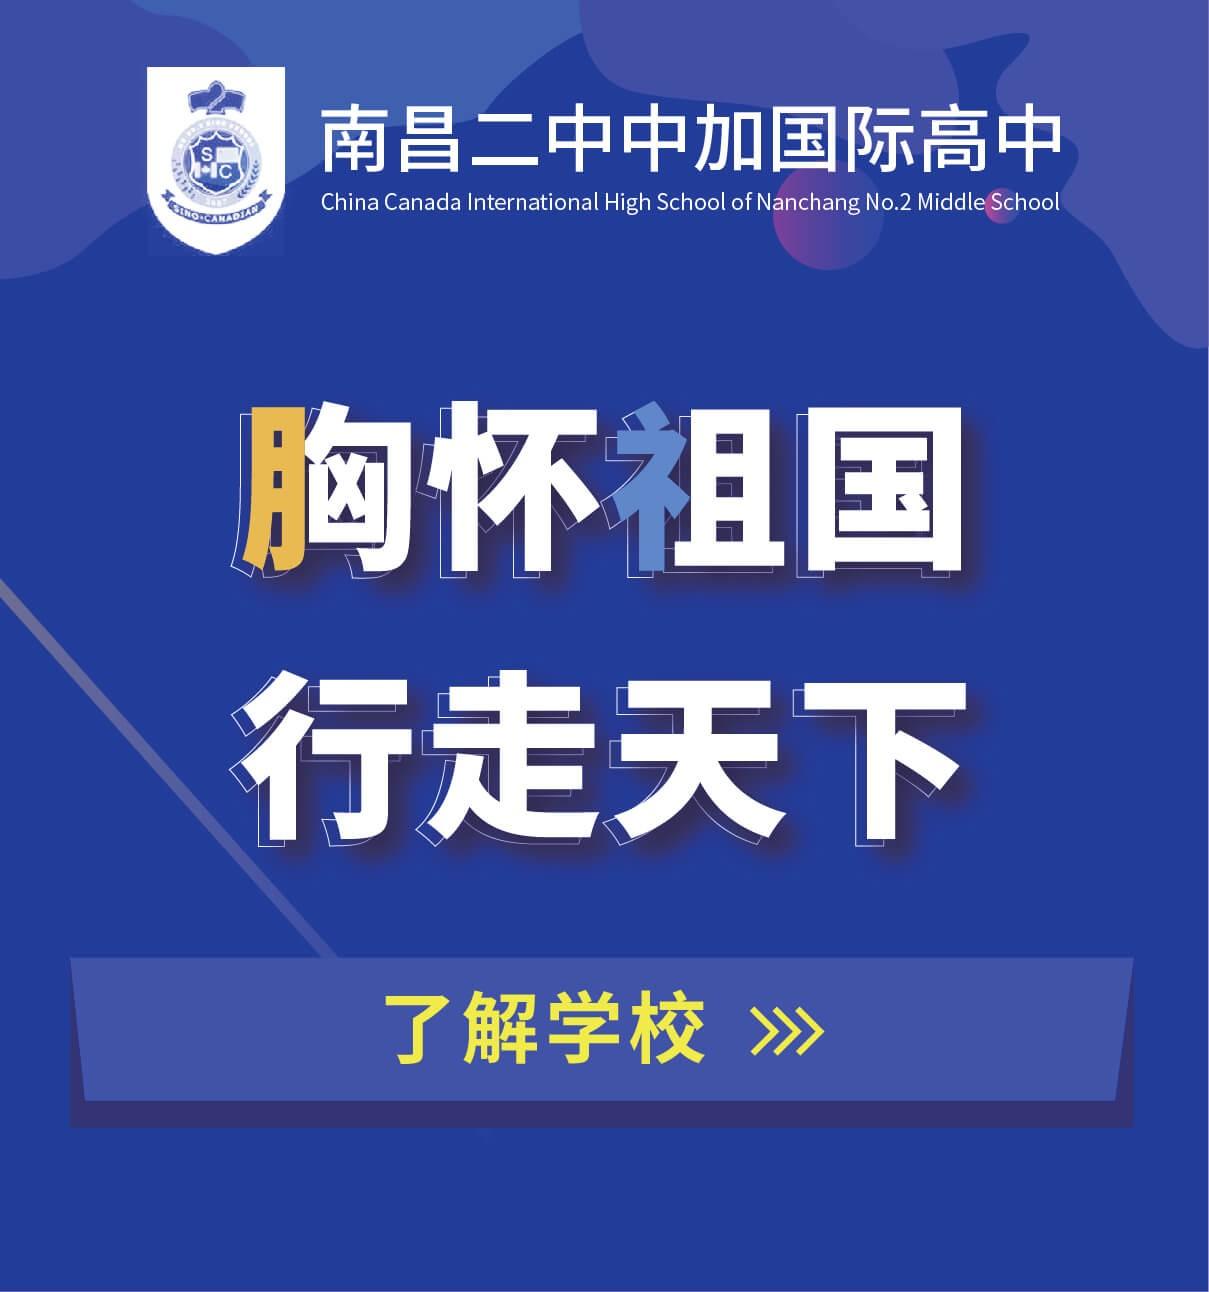 南昌二中中加国际高中图片